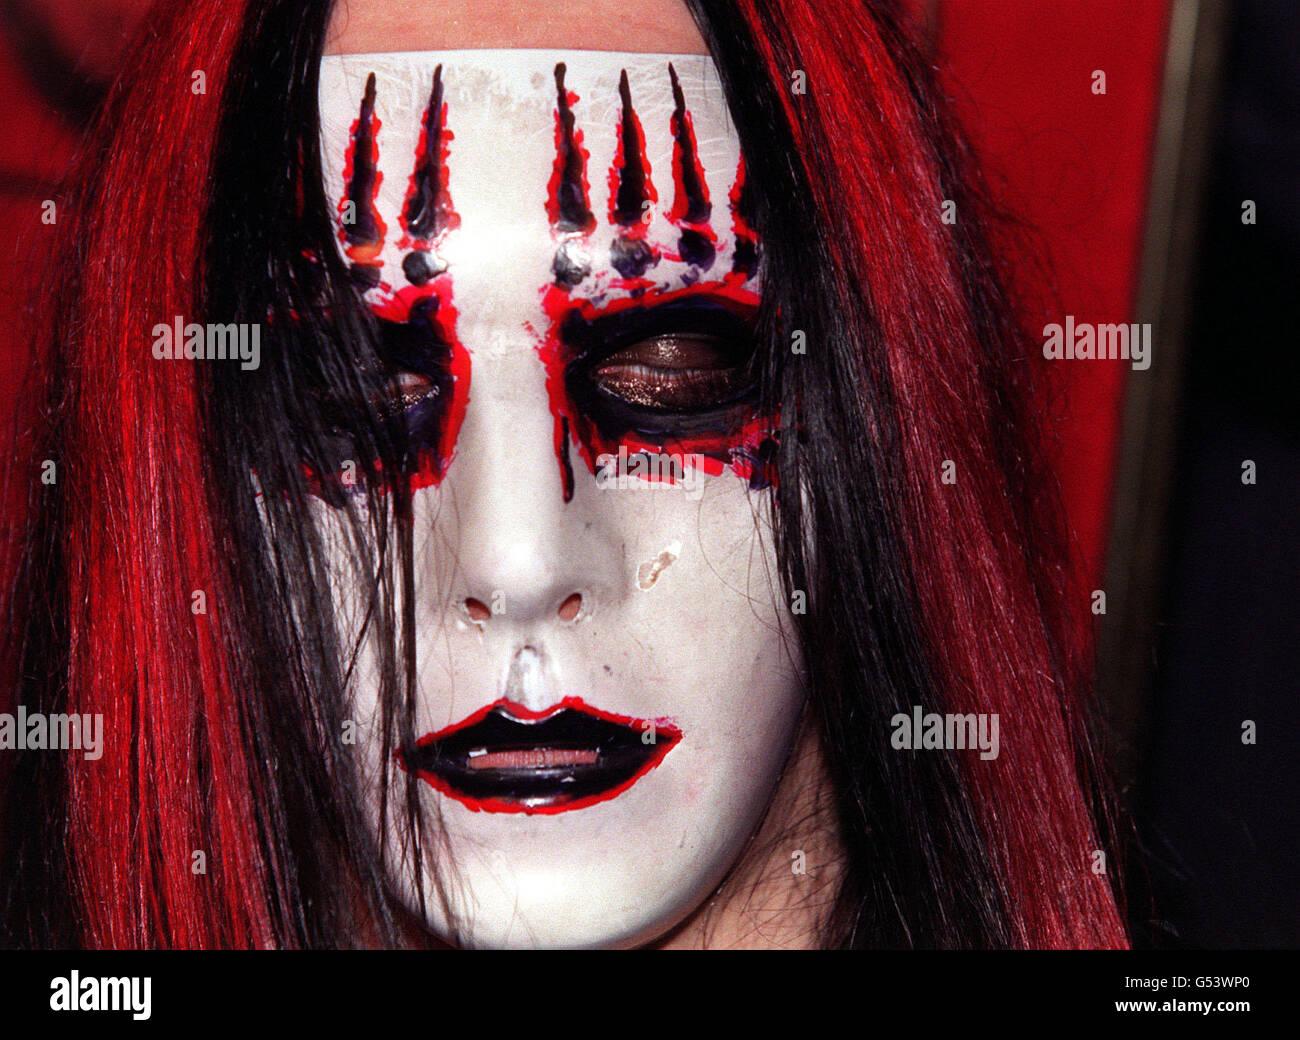 Slipknot videography.